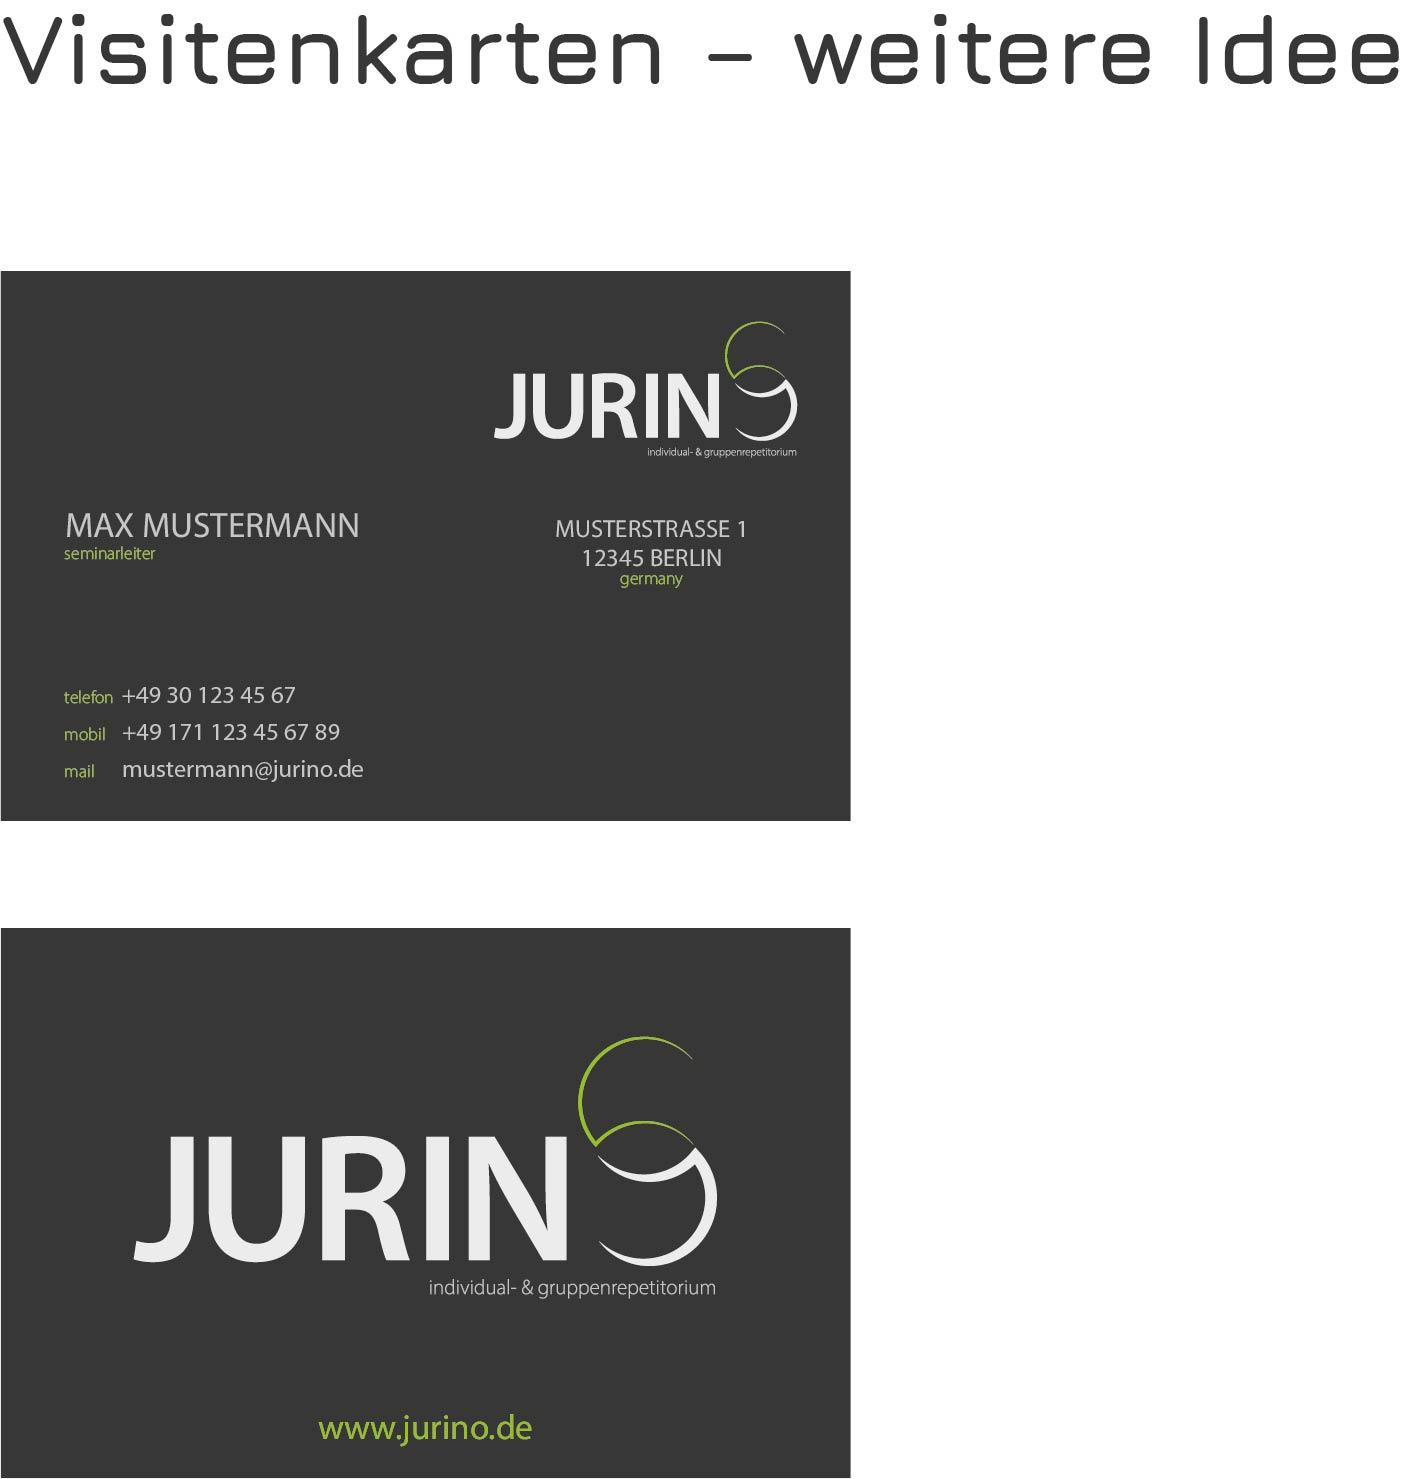 Corporate Design Für Jur Repetitorium Corporate Design